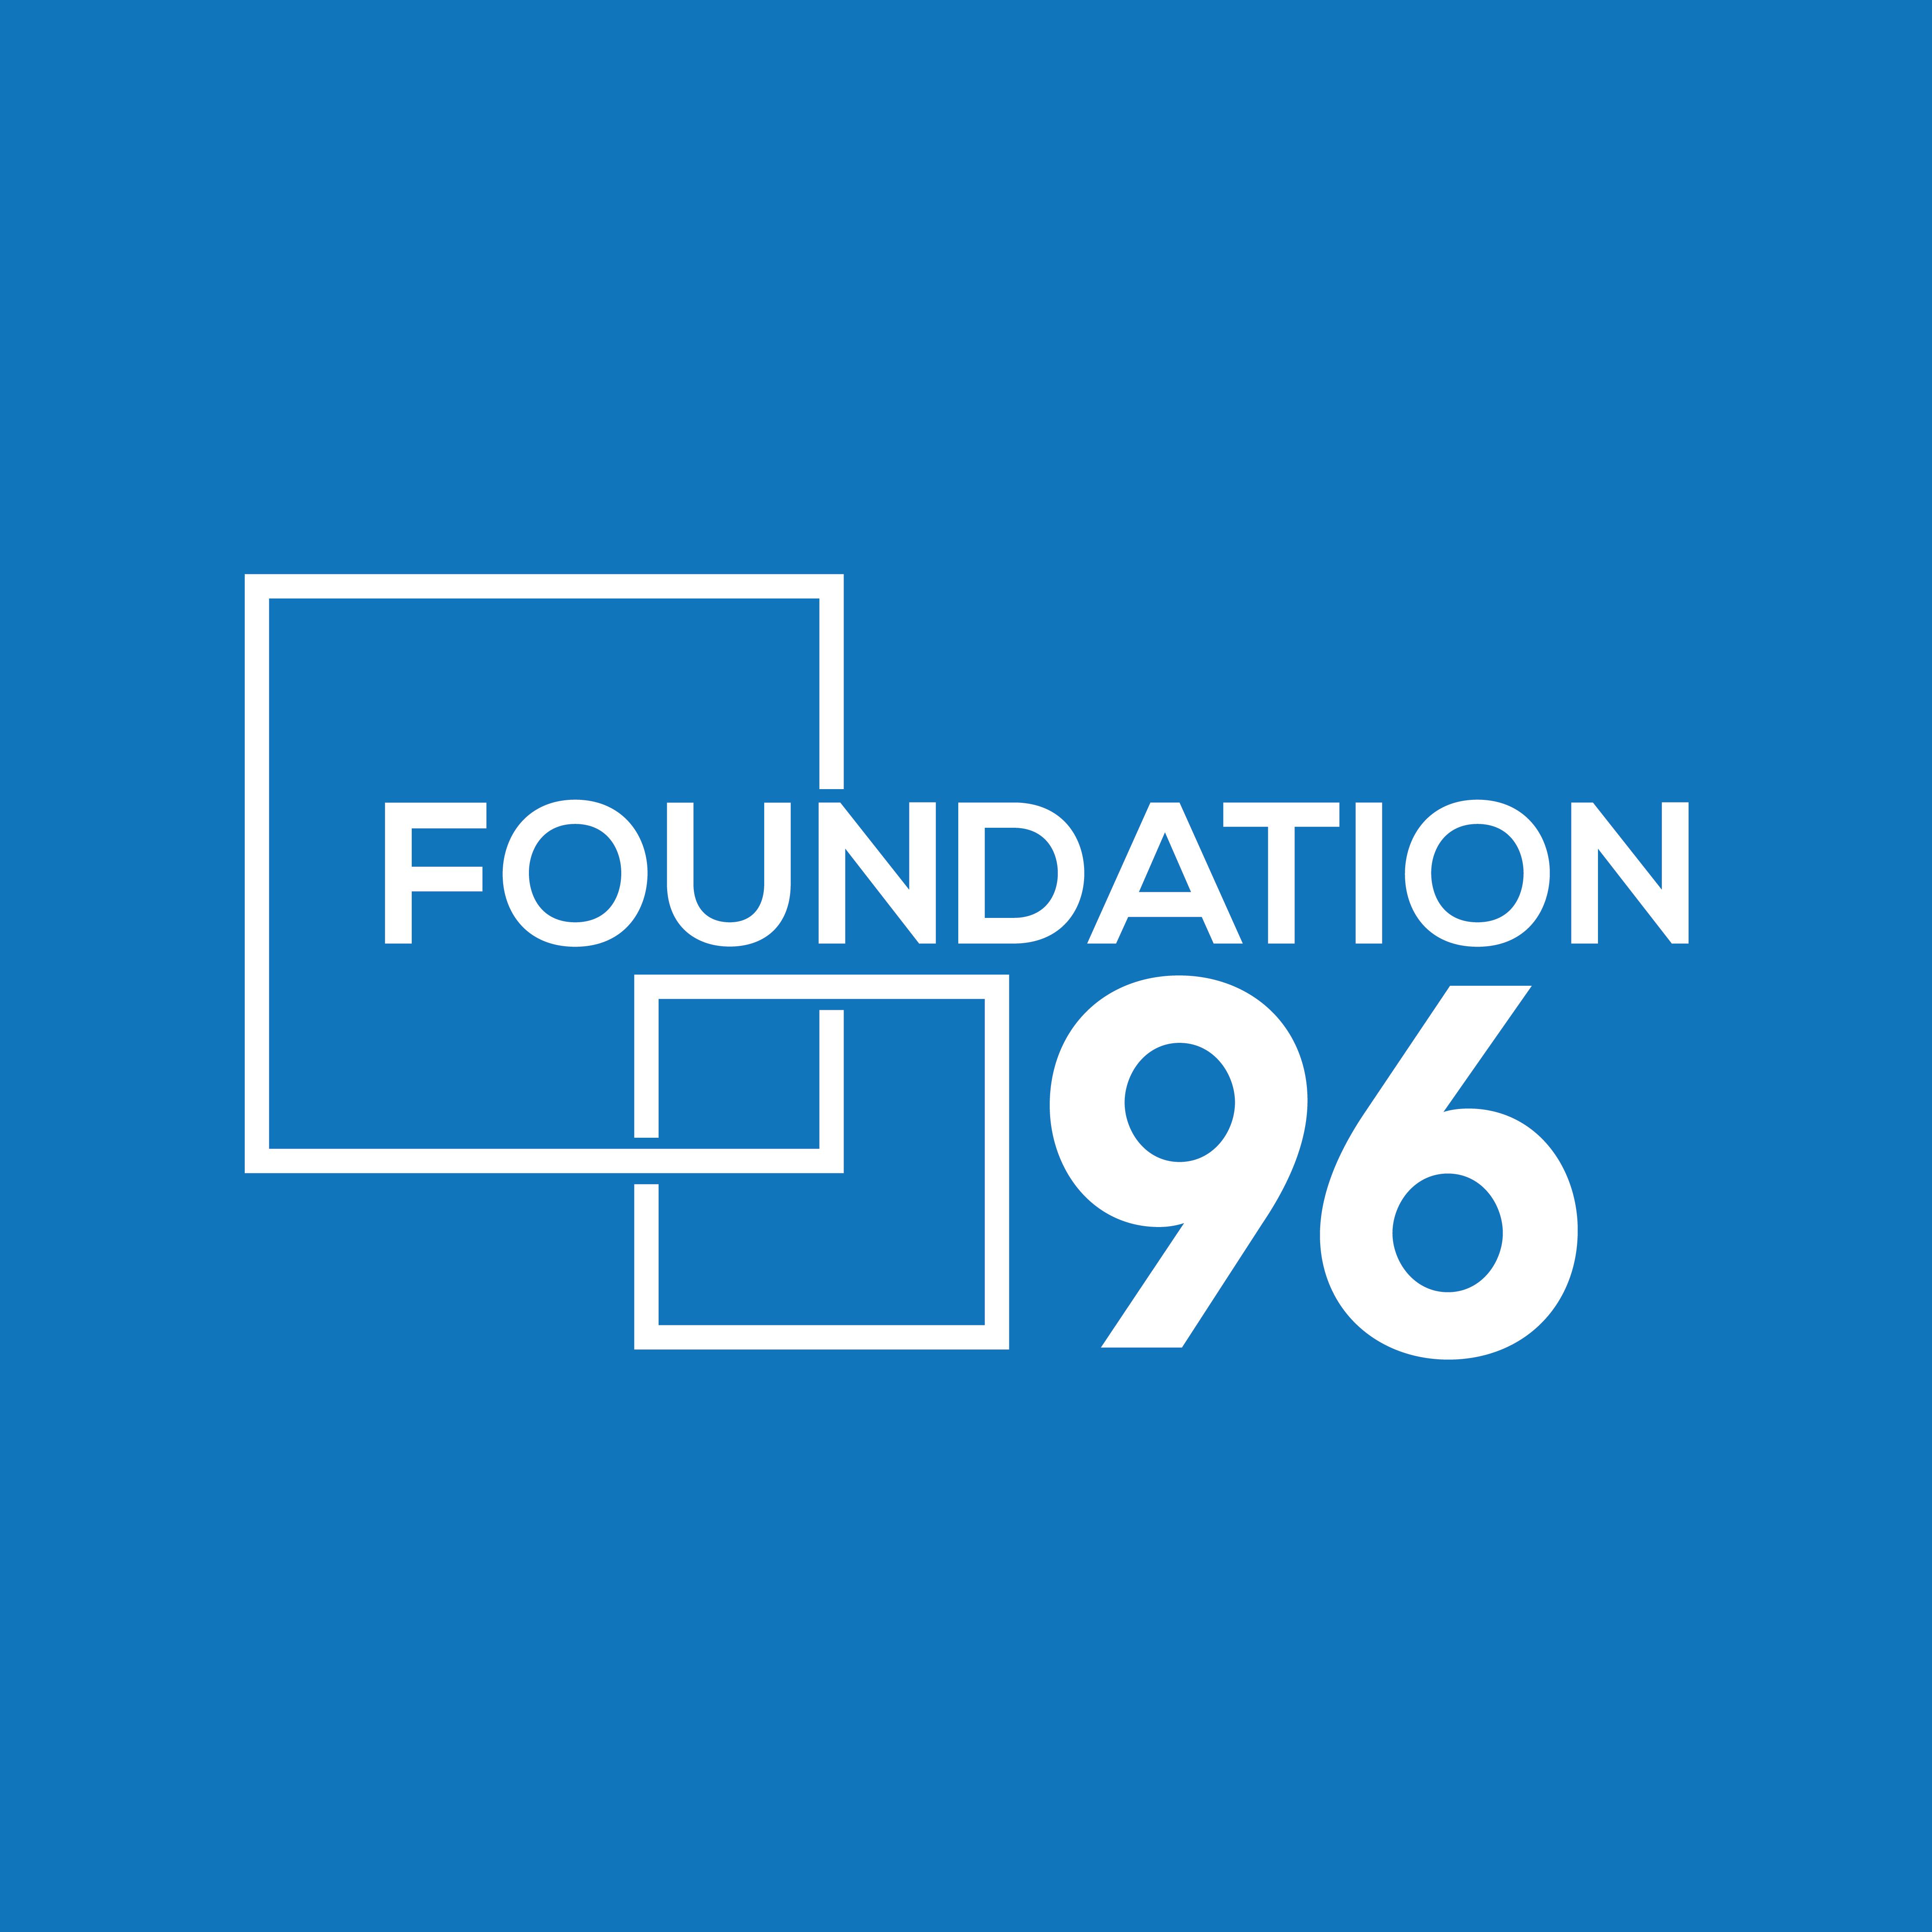 Foundation96LogoOnBlue 01 1